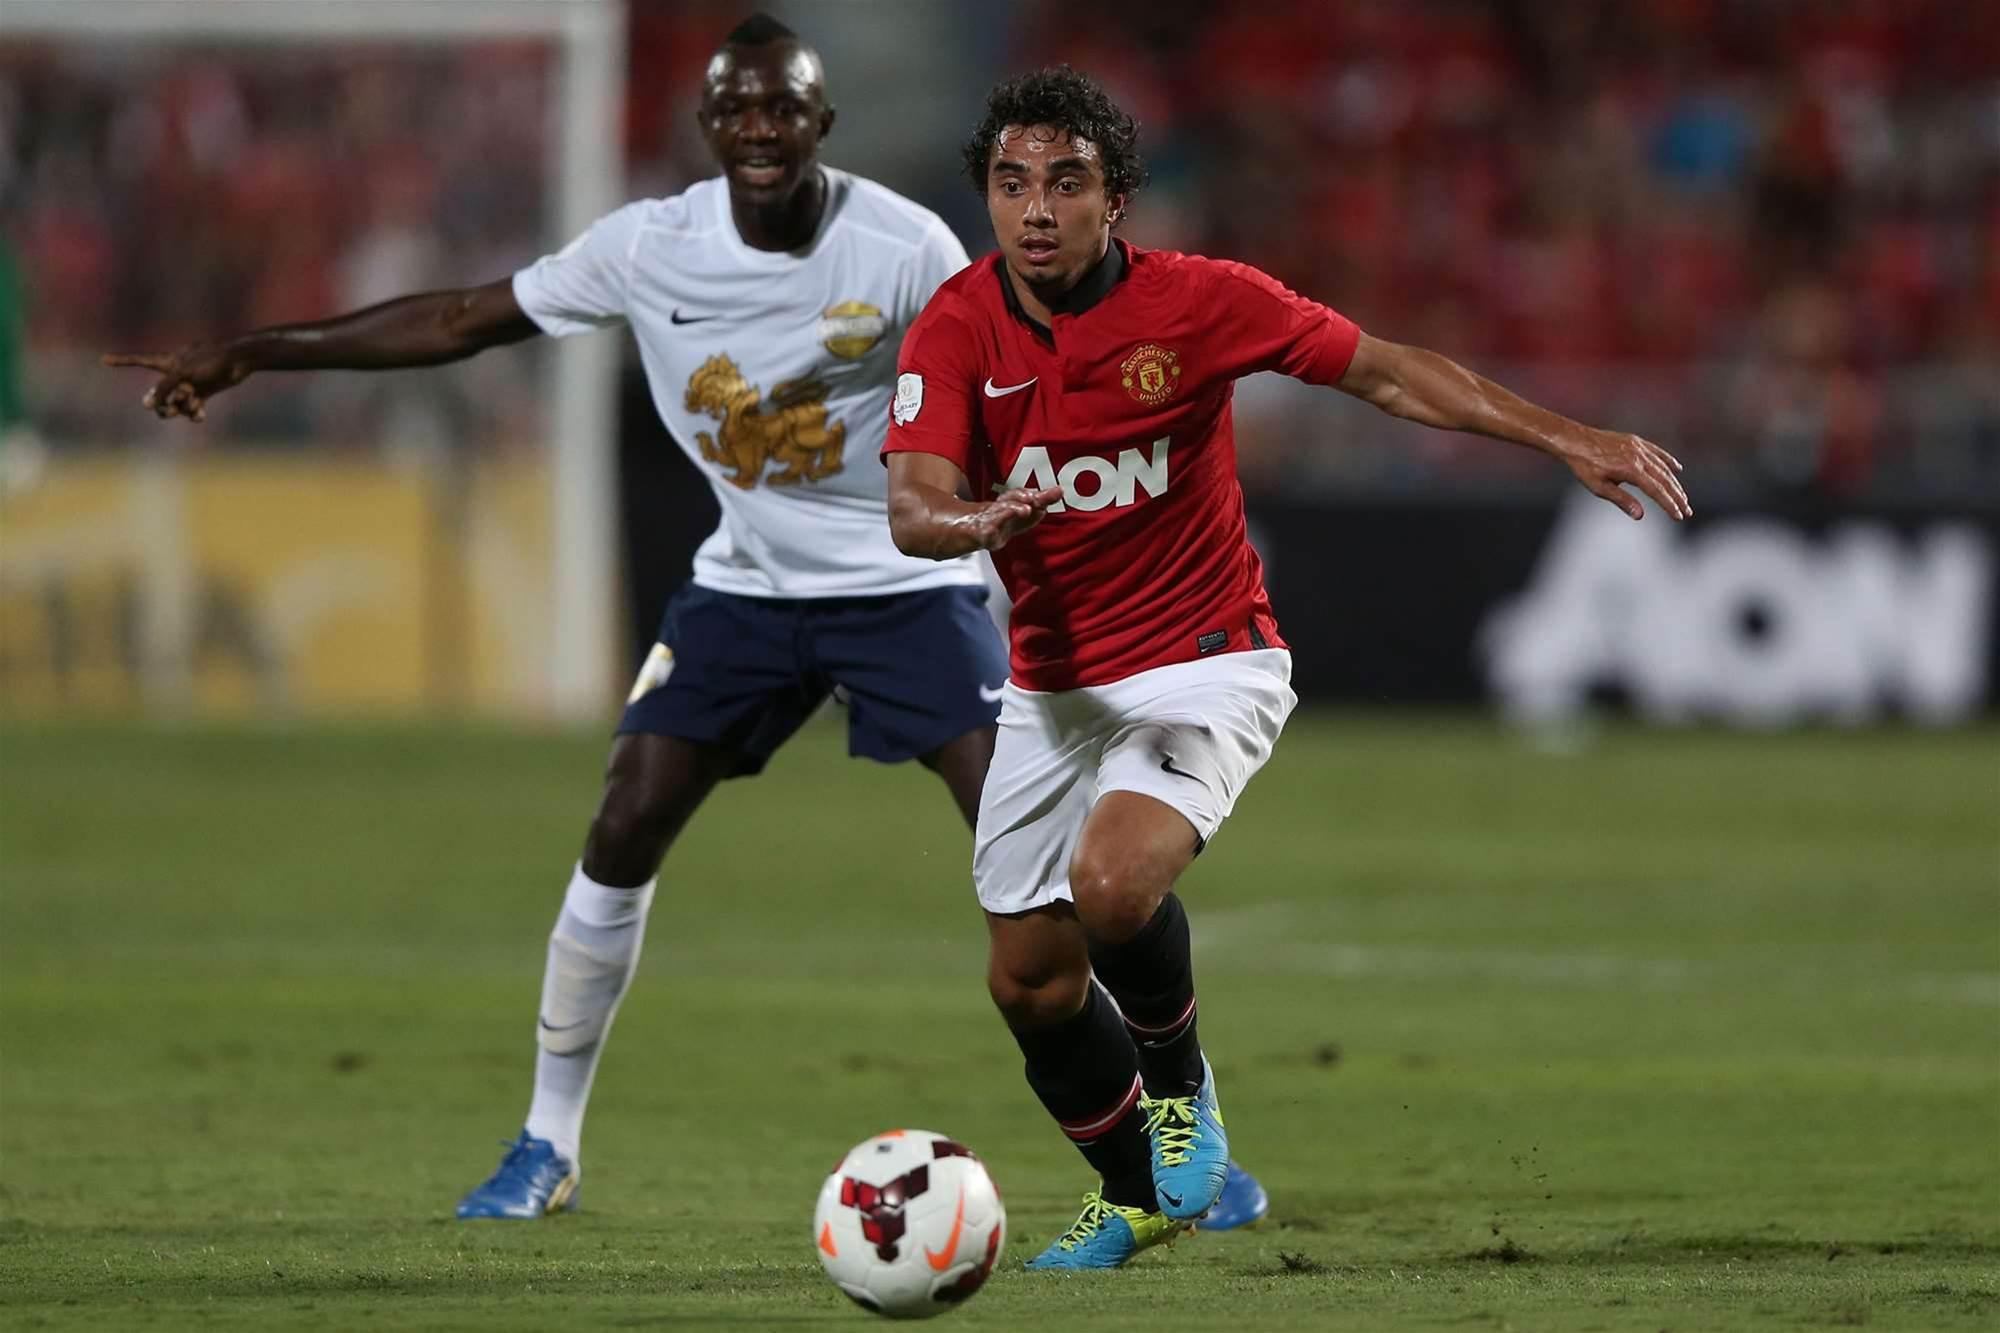 Fabio unsure of Old Trafford future